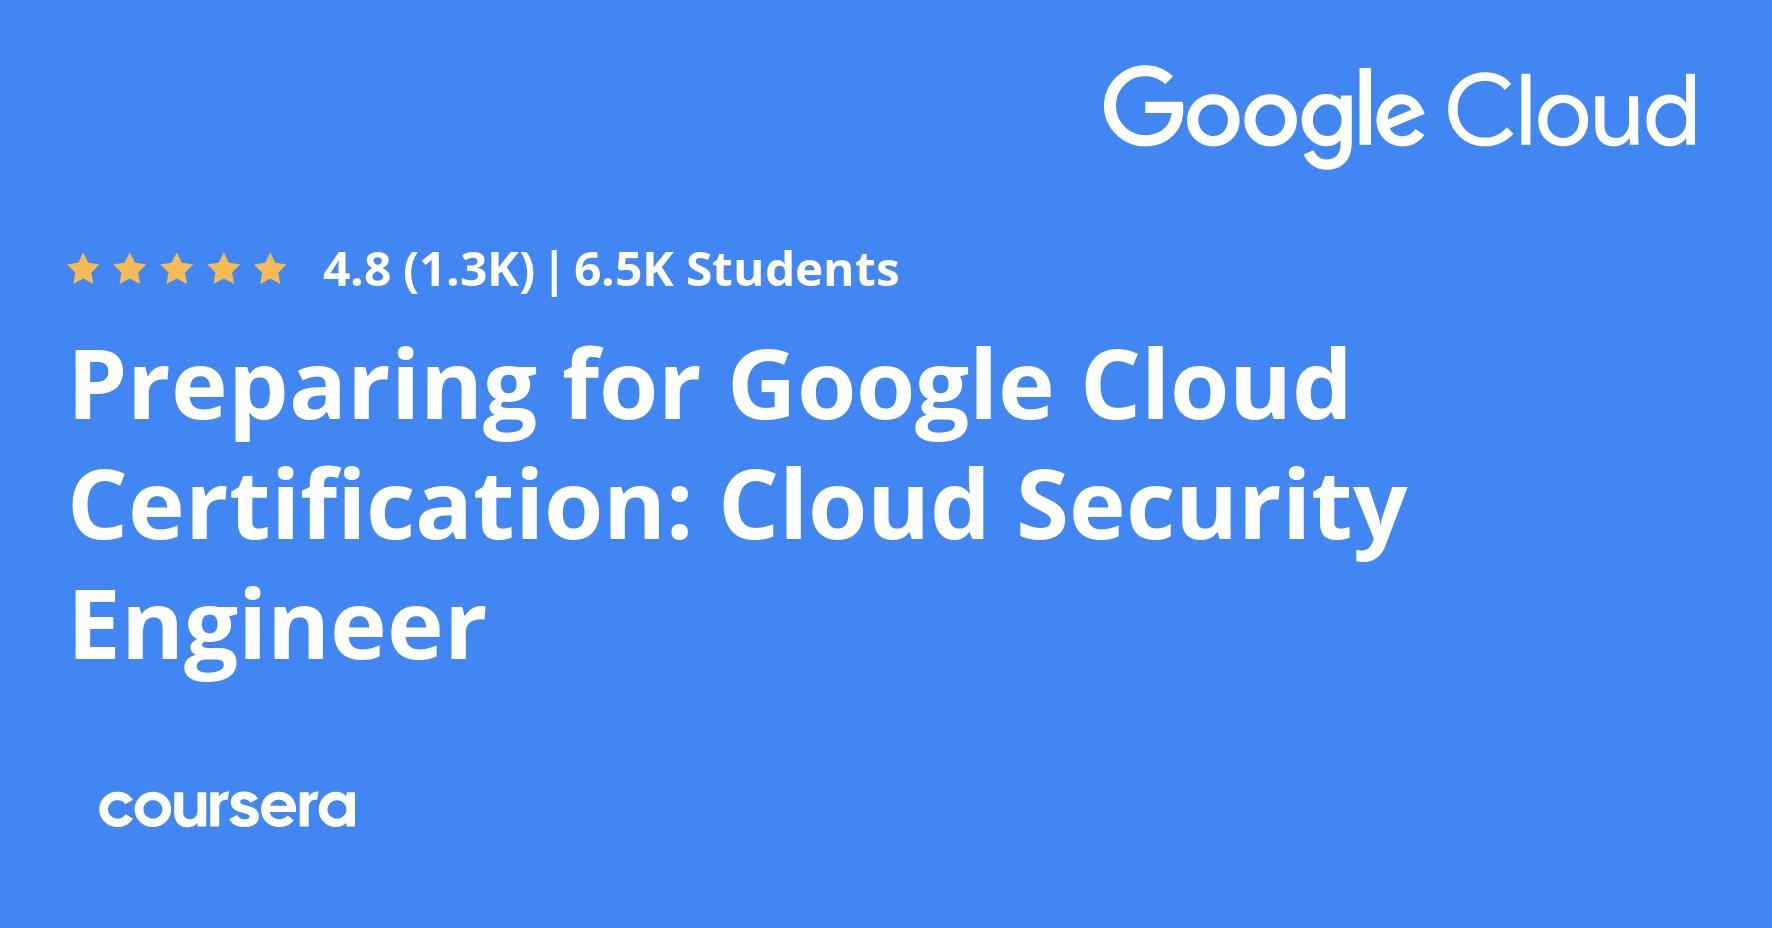 Preparing for Google Cloud Certification: Cloud Security Engineer